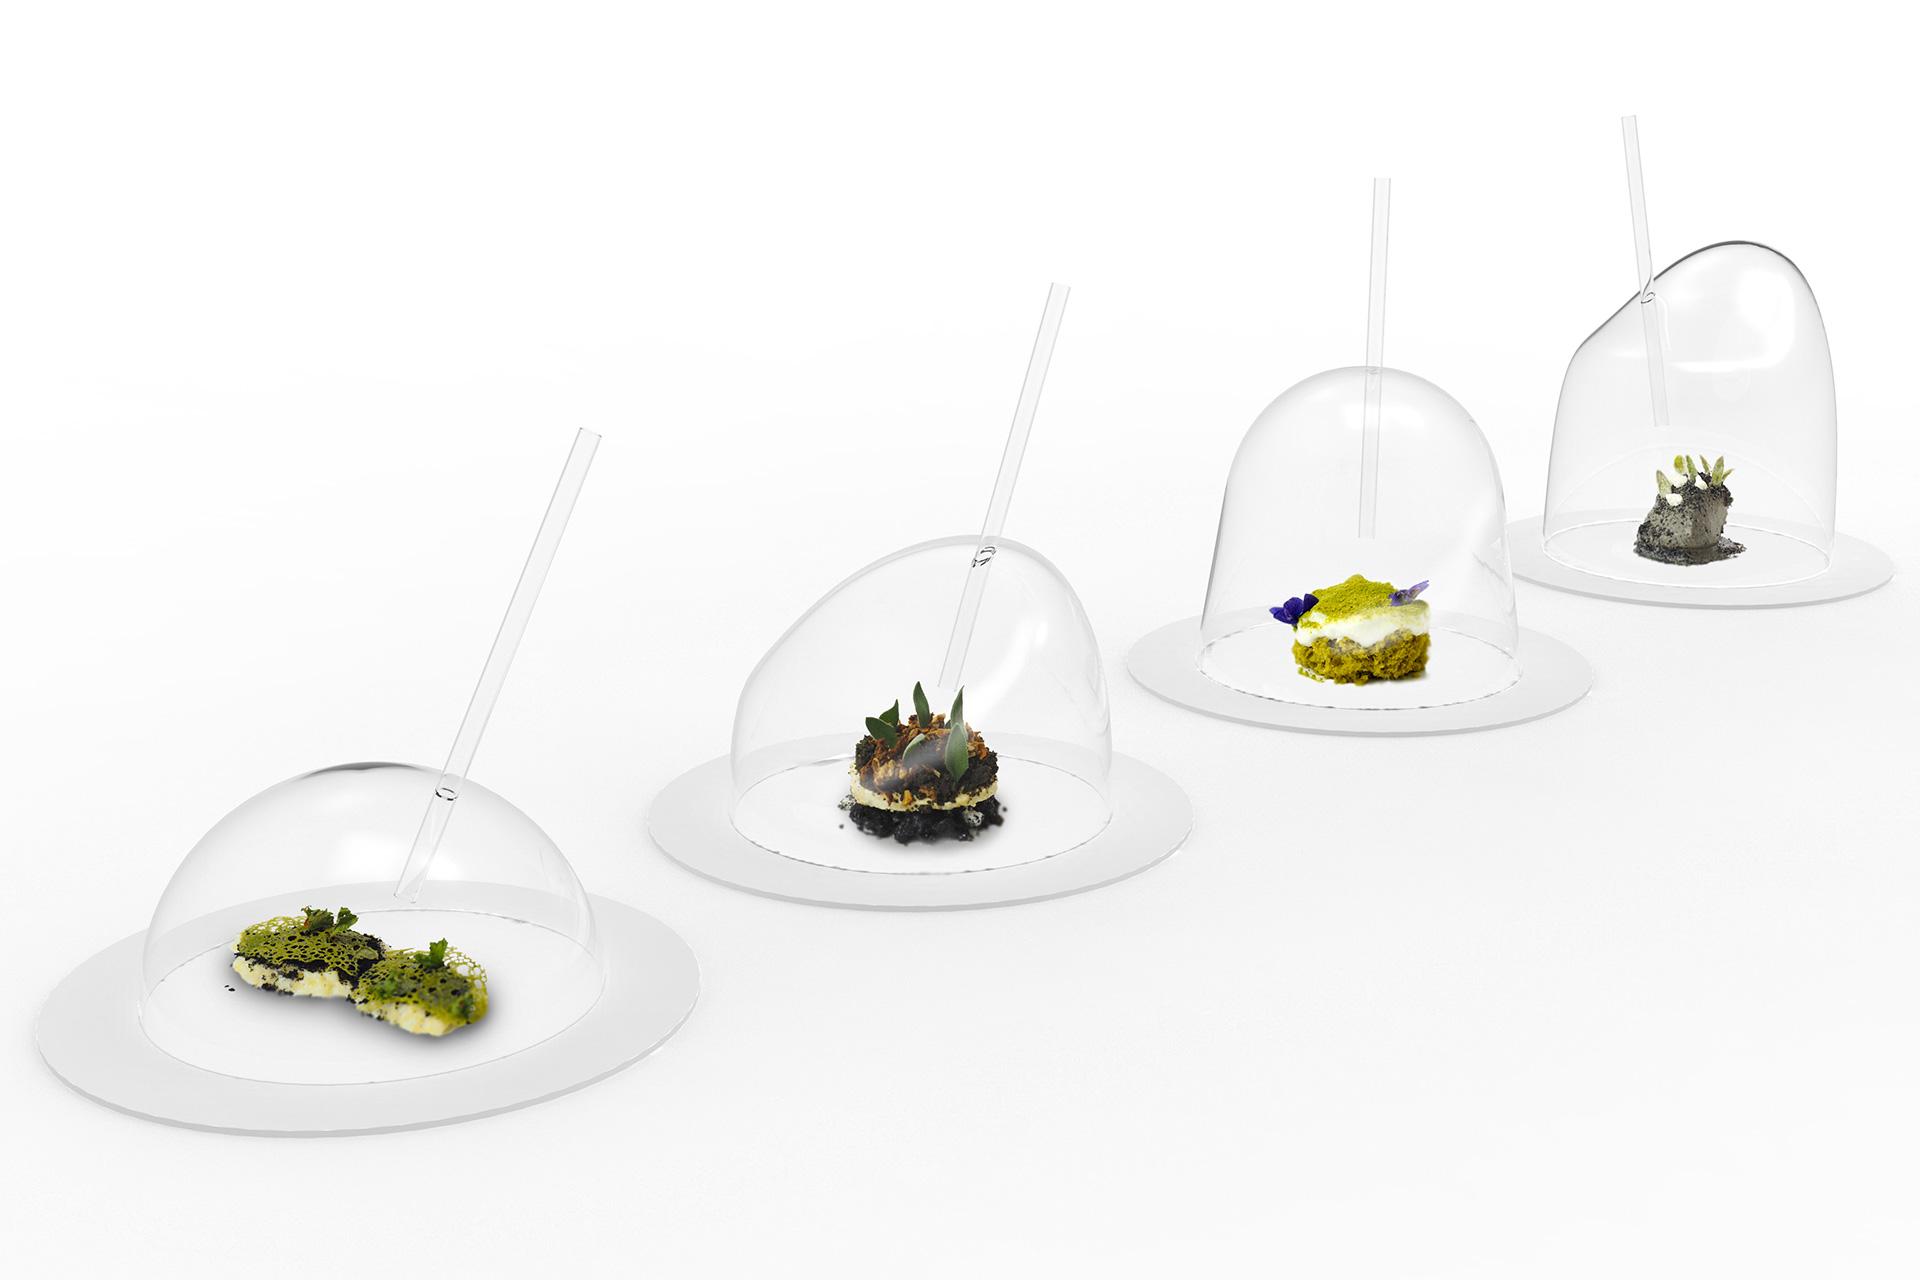 master_design_culinaire_food_precieux_teritwa_alpes_plat_vegetation_cloche_verre